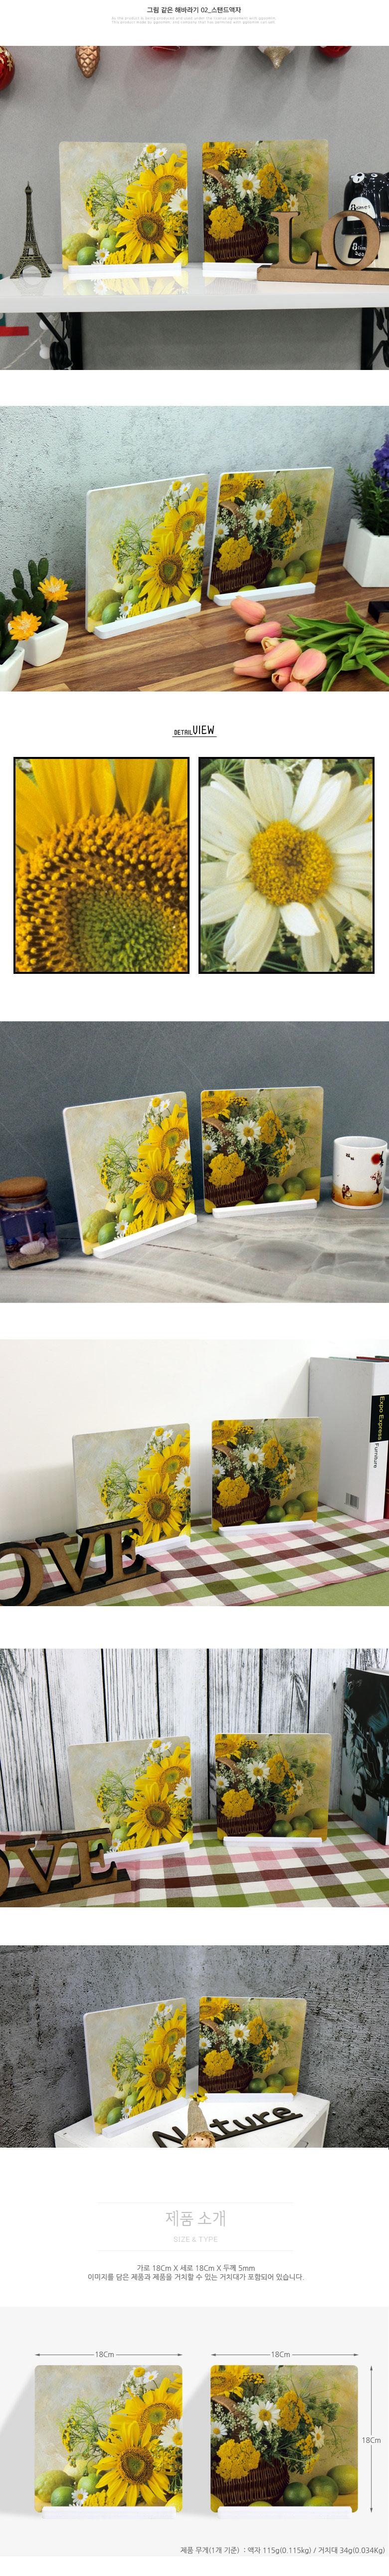 스탠드액자2P_그림같은해바라기02 - 꾸밈, 12,800원, 홈갤러리, 사진아트